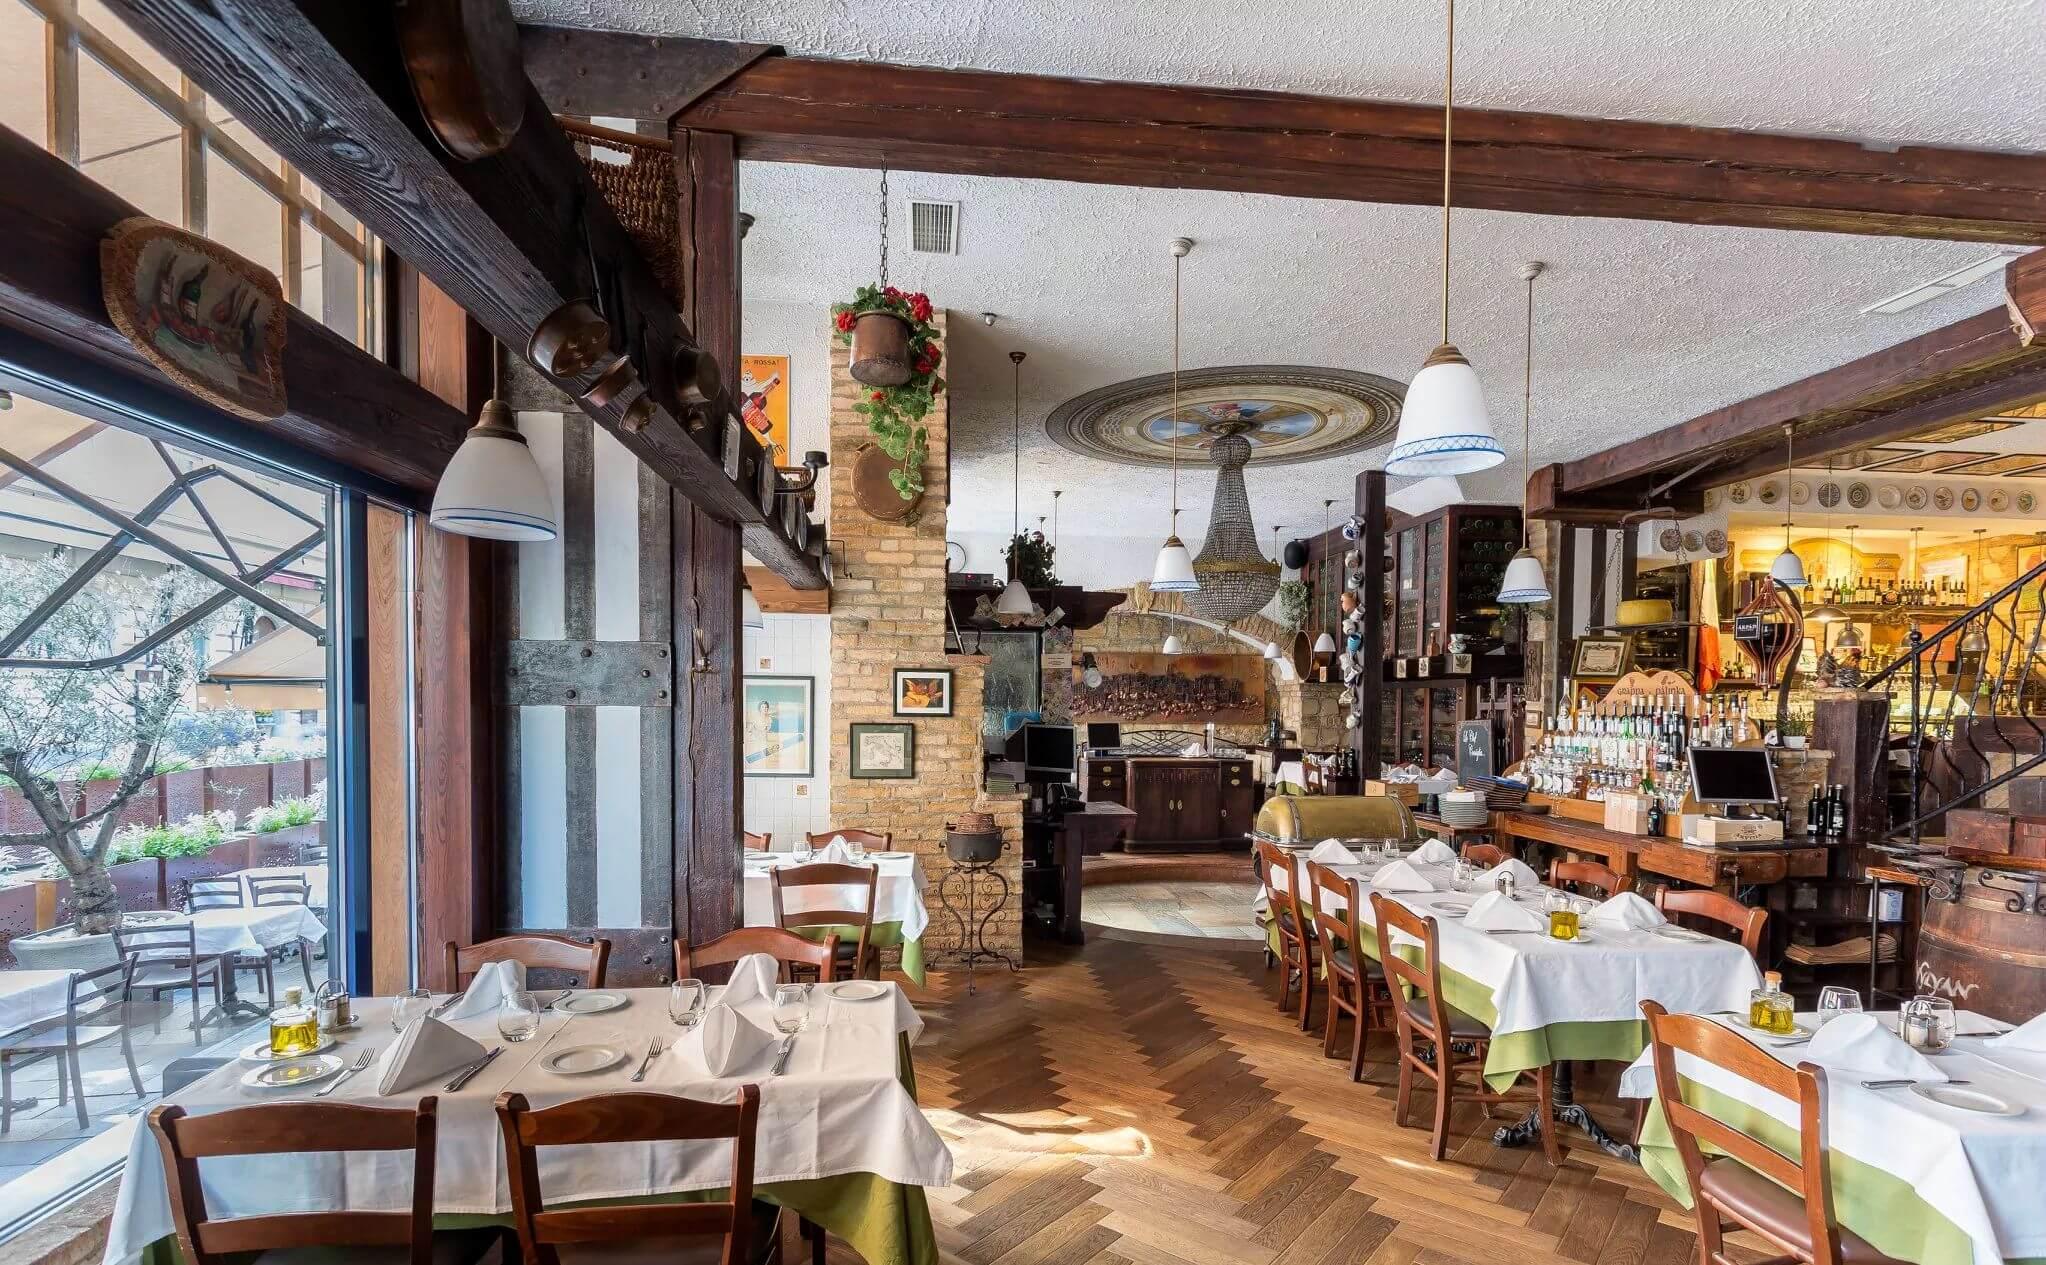 מסעדות איטלקיות בבודפשט מסעדת פומודורו